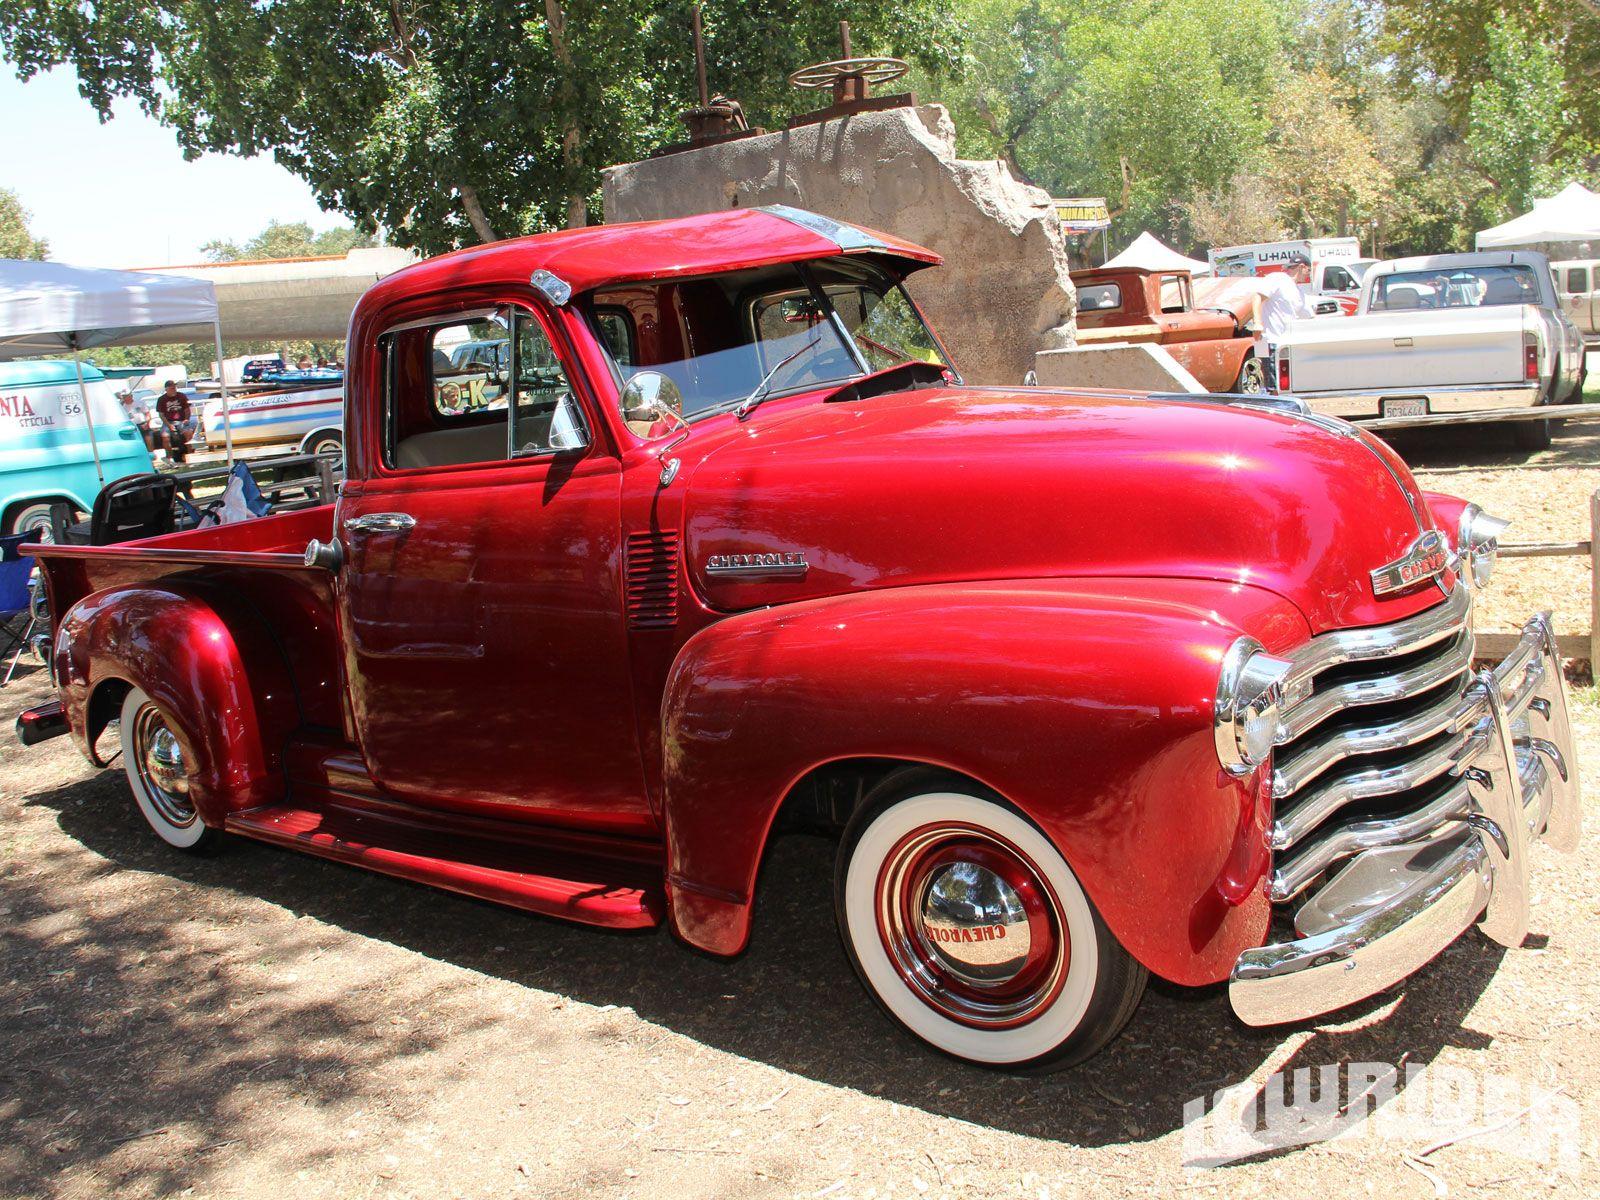 Vintage Chev Truck | rustic treasures | Pinterest | Vintage trucks ...